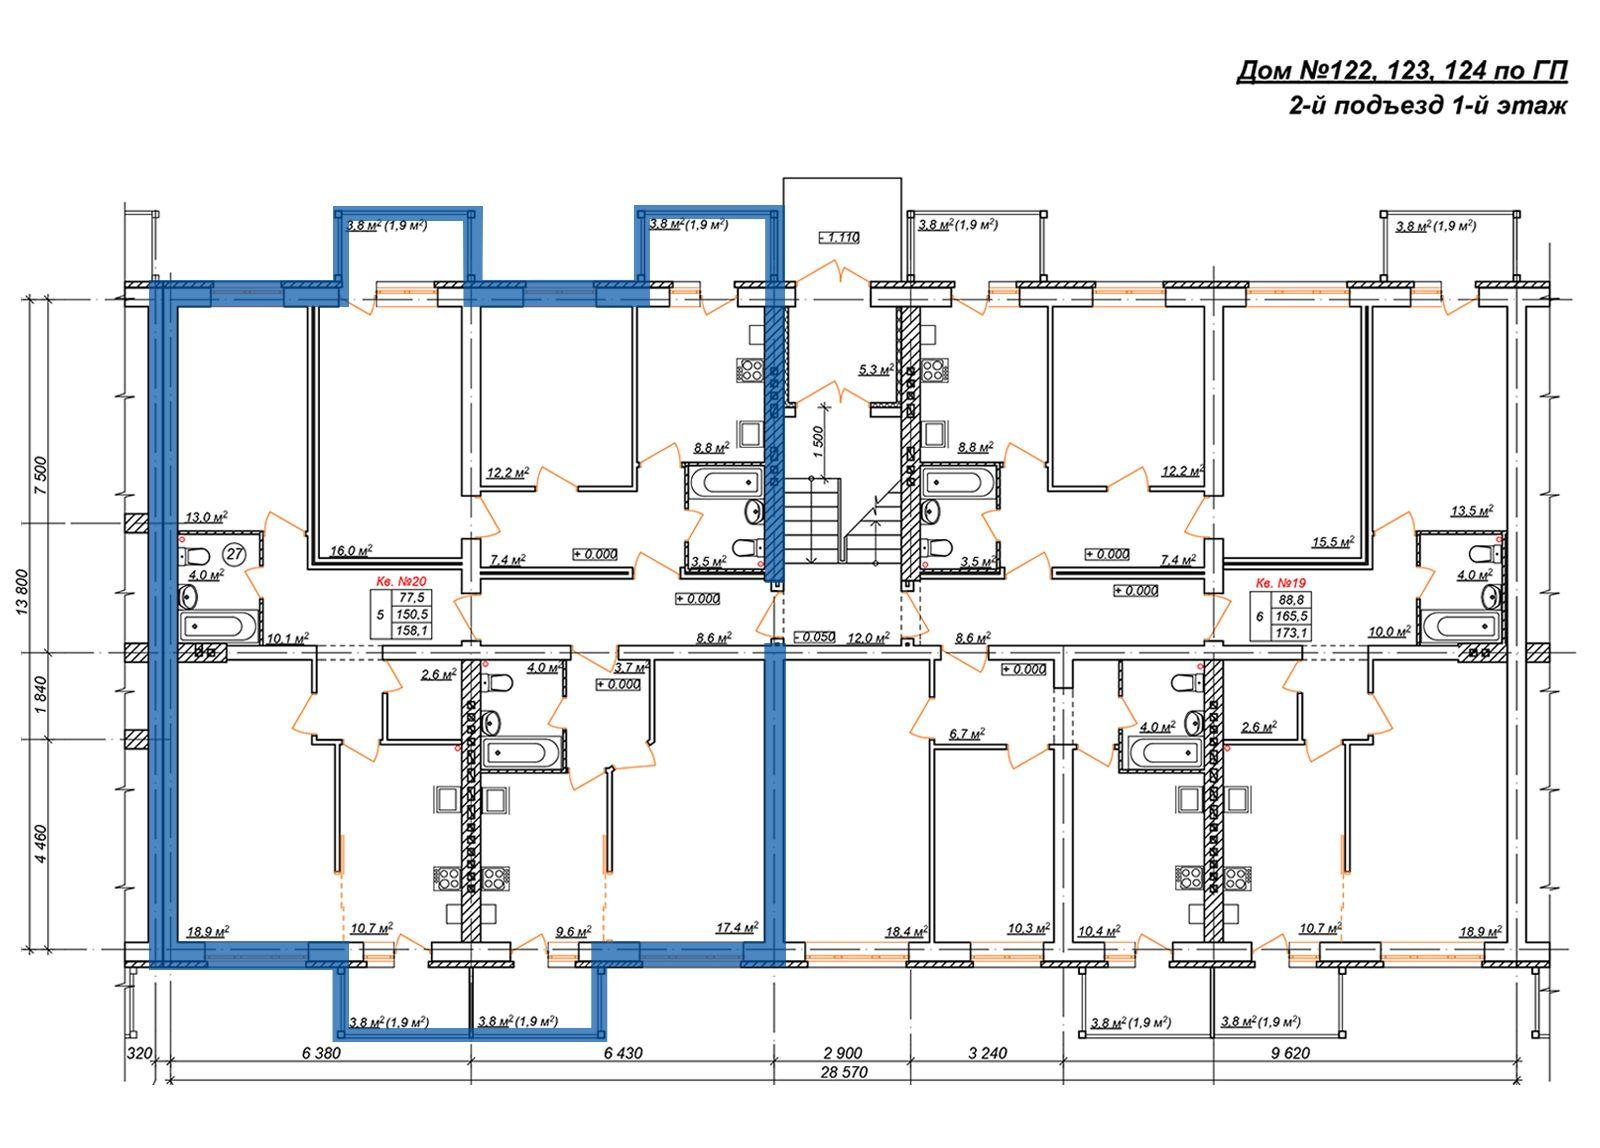 ae7740f0072a8 Купить 5-комнатную квартиру в Костроме от застройщика КФК №1